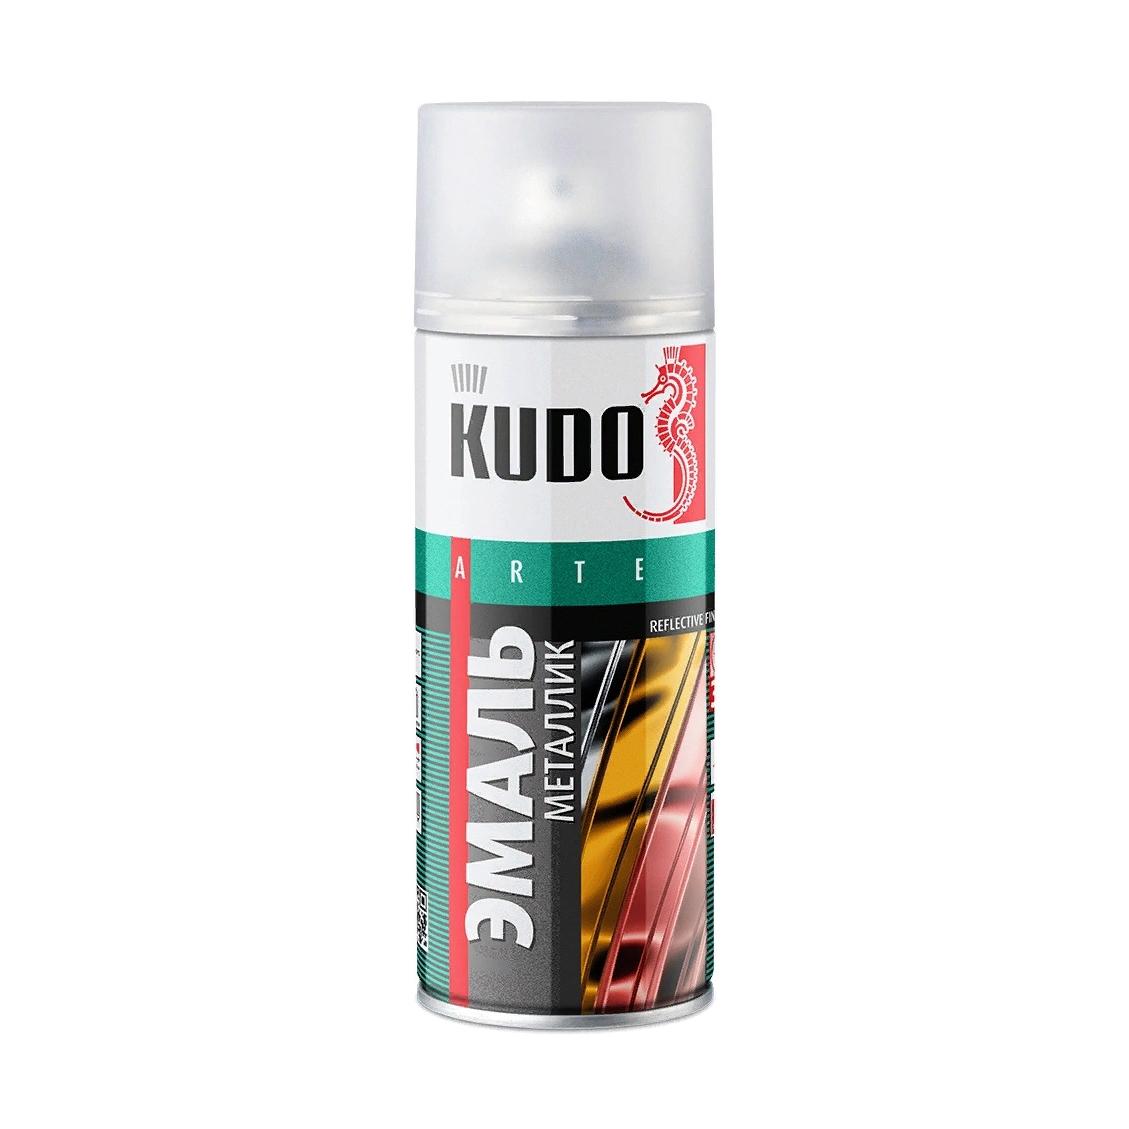 Фото - Эмаль Kudo металлик универсальная бронза 520 мл эмаль kudo термостойкая